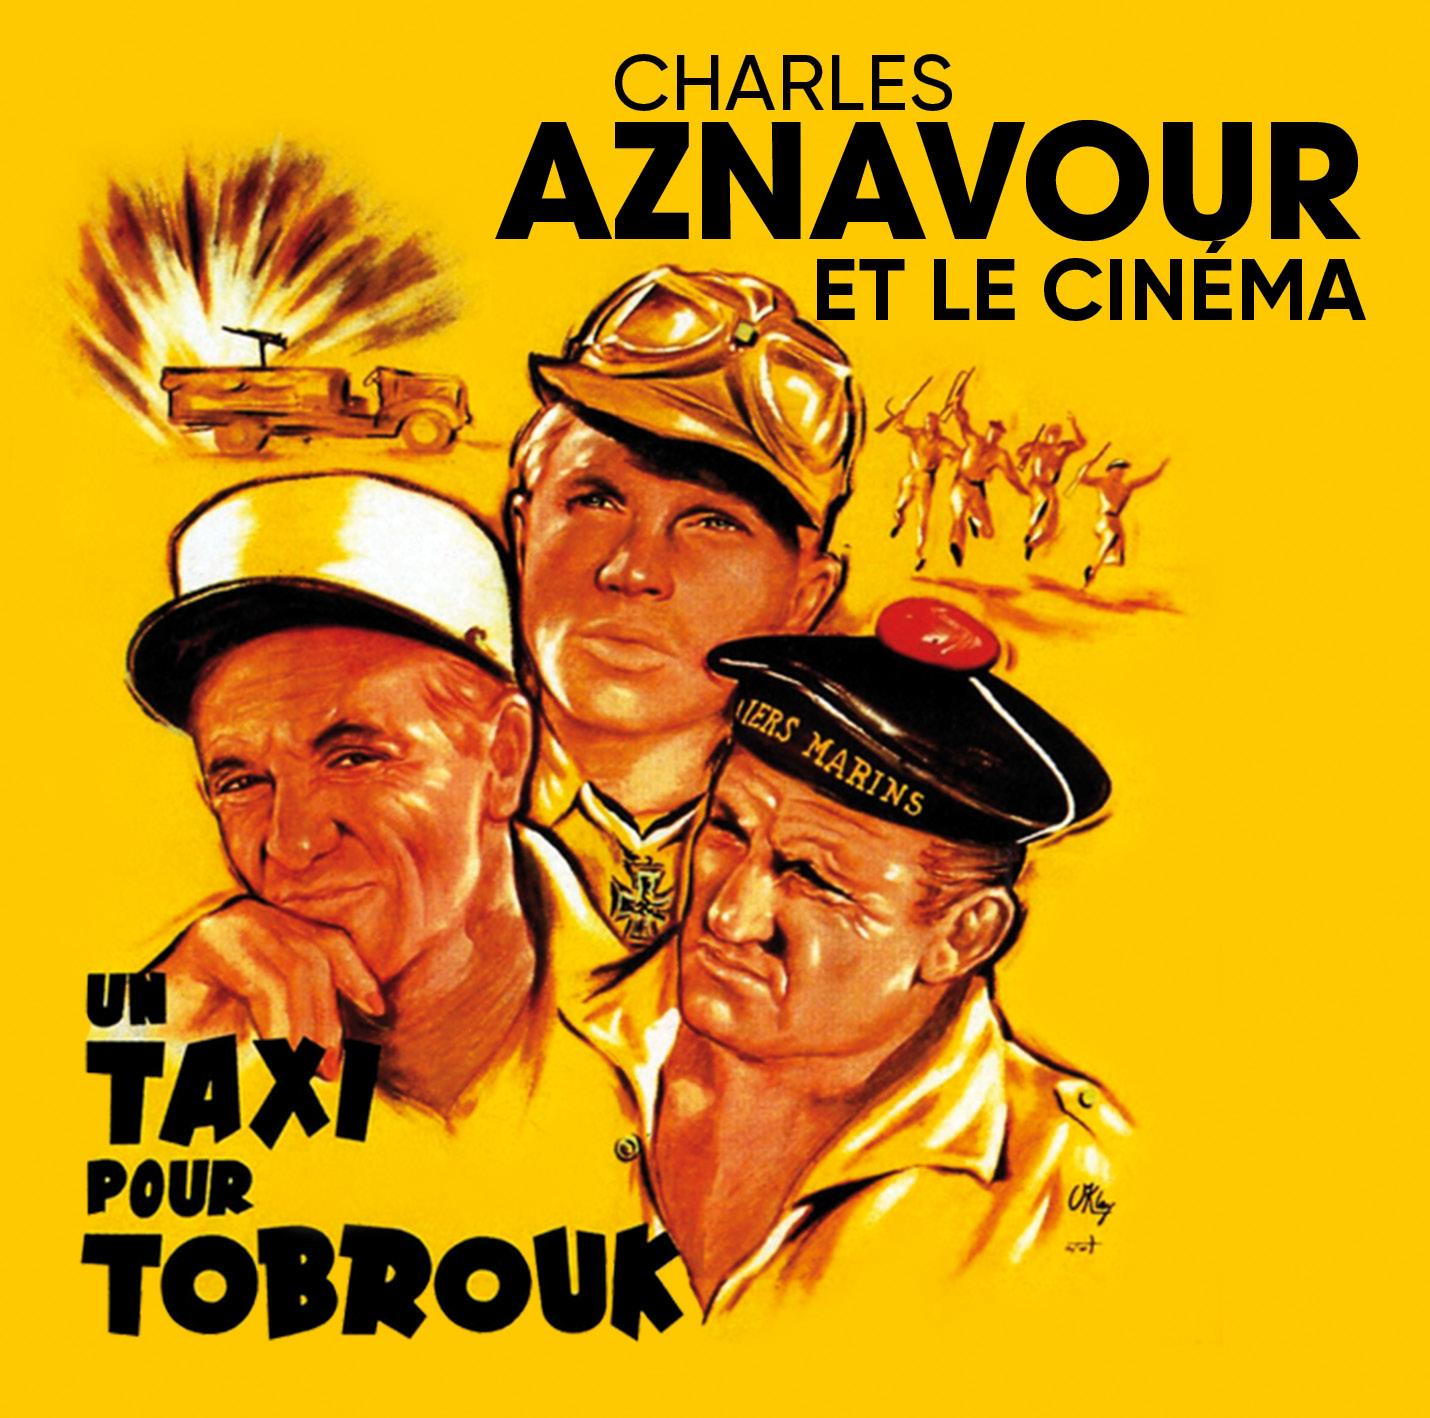 Charles Aznavour et le Cinéma